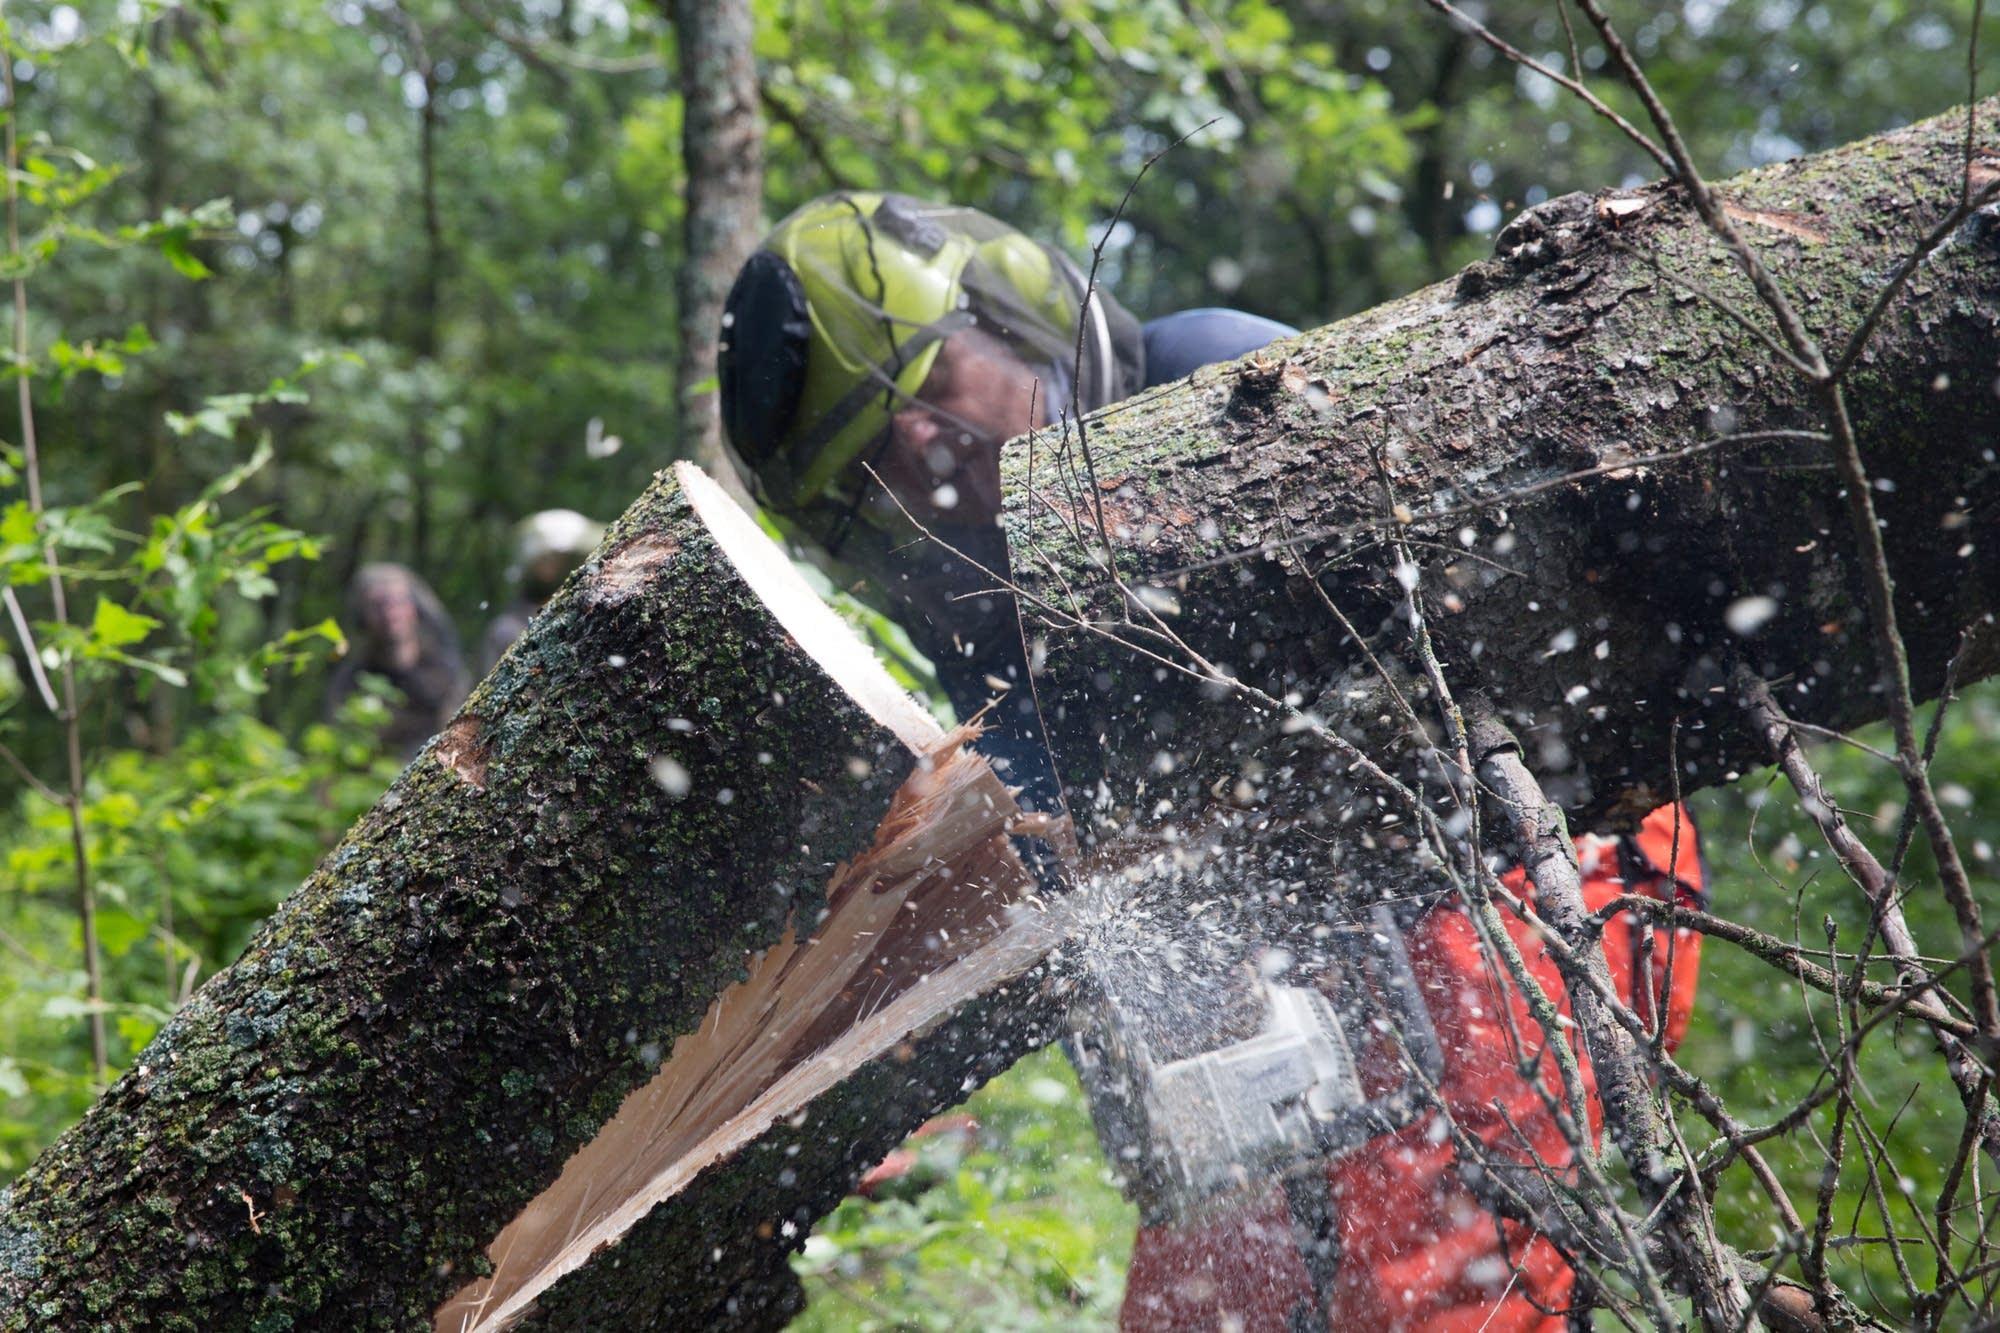 Jim Rakness cuts up a fallen tree